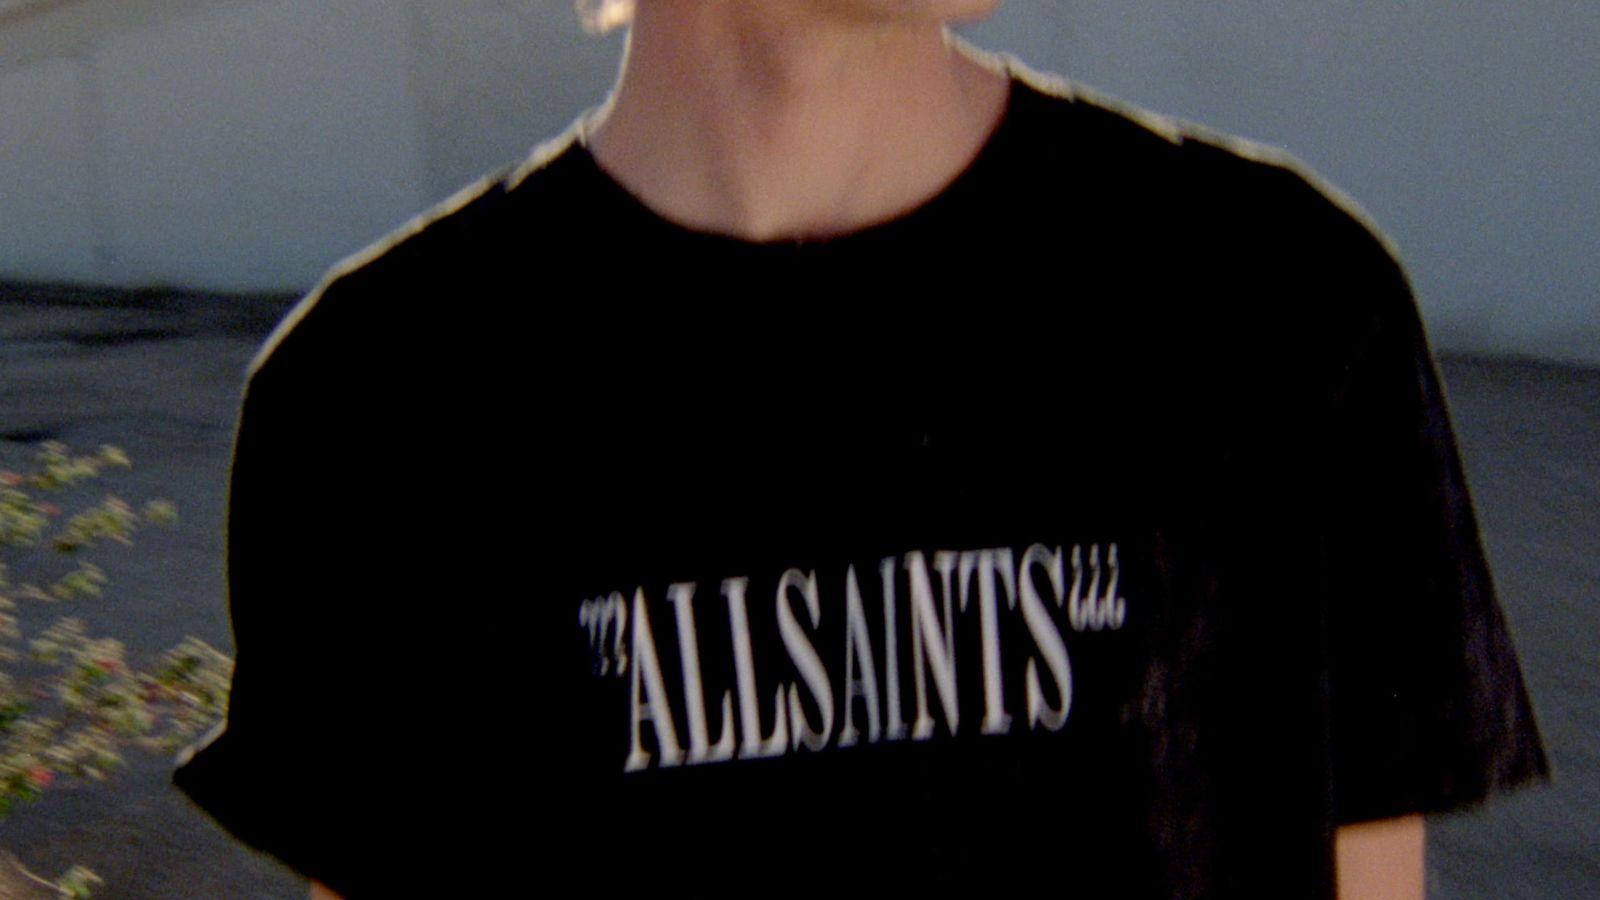 Captura de video de un hombre con una playera negra con un logo en blanco en el pecho parte de nuestra última colección.